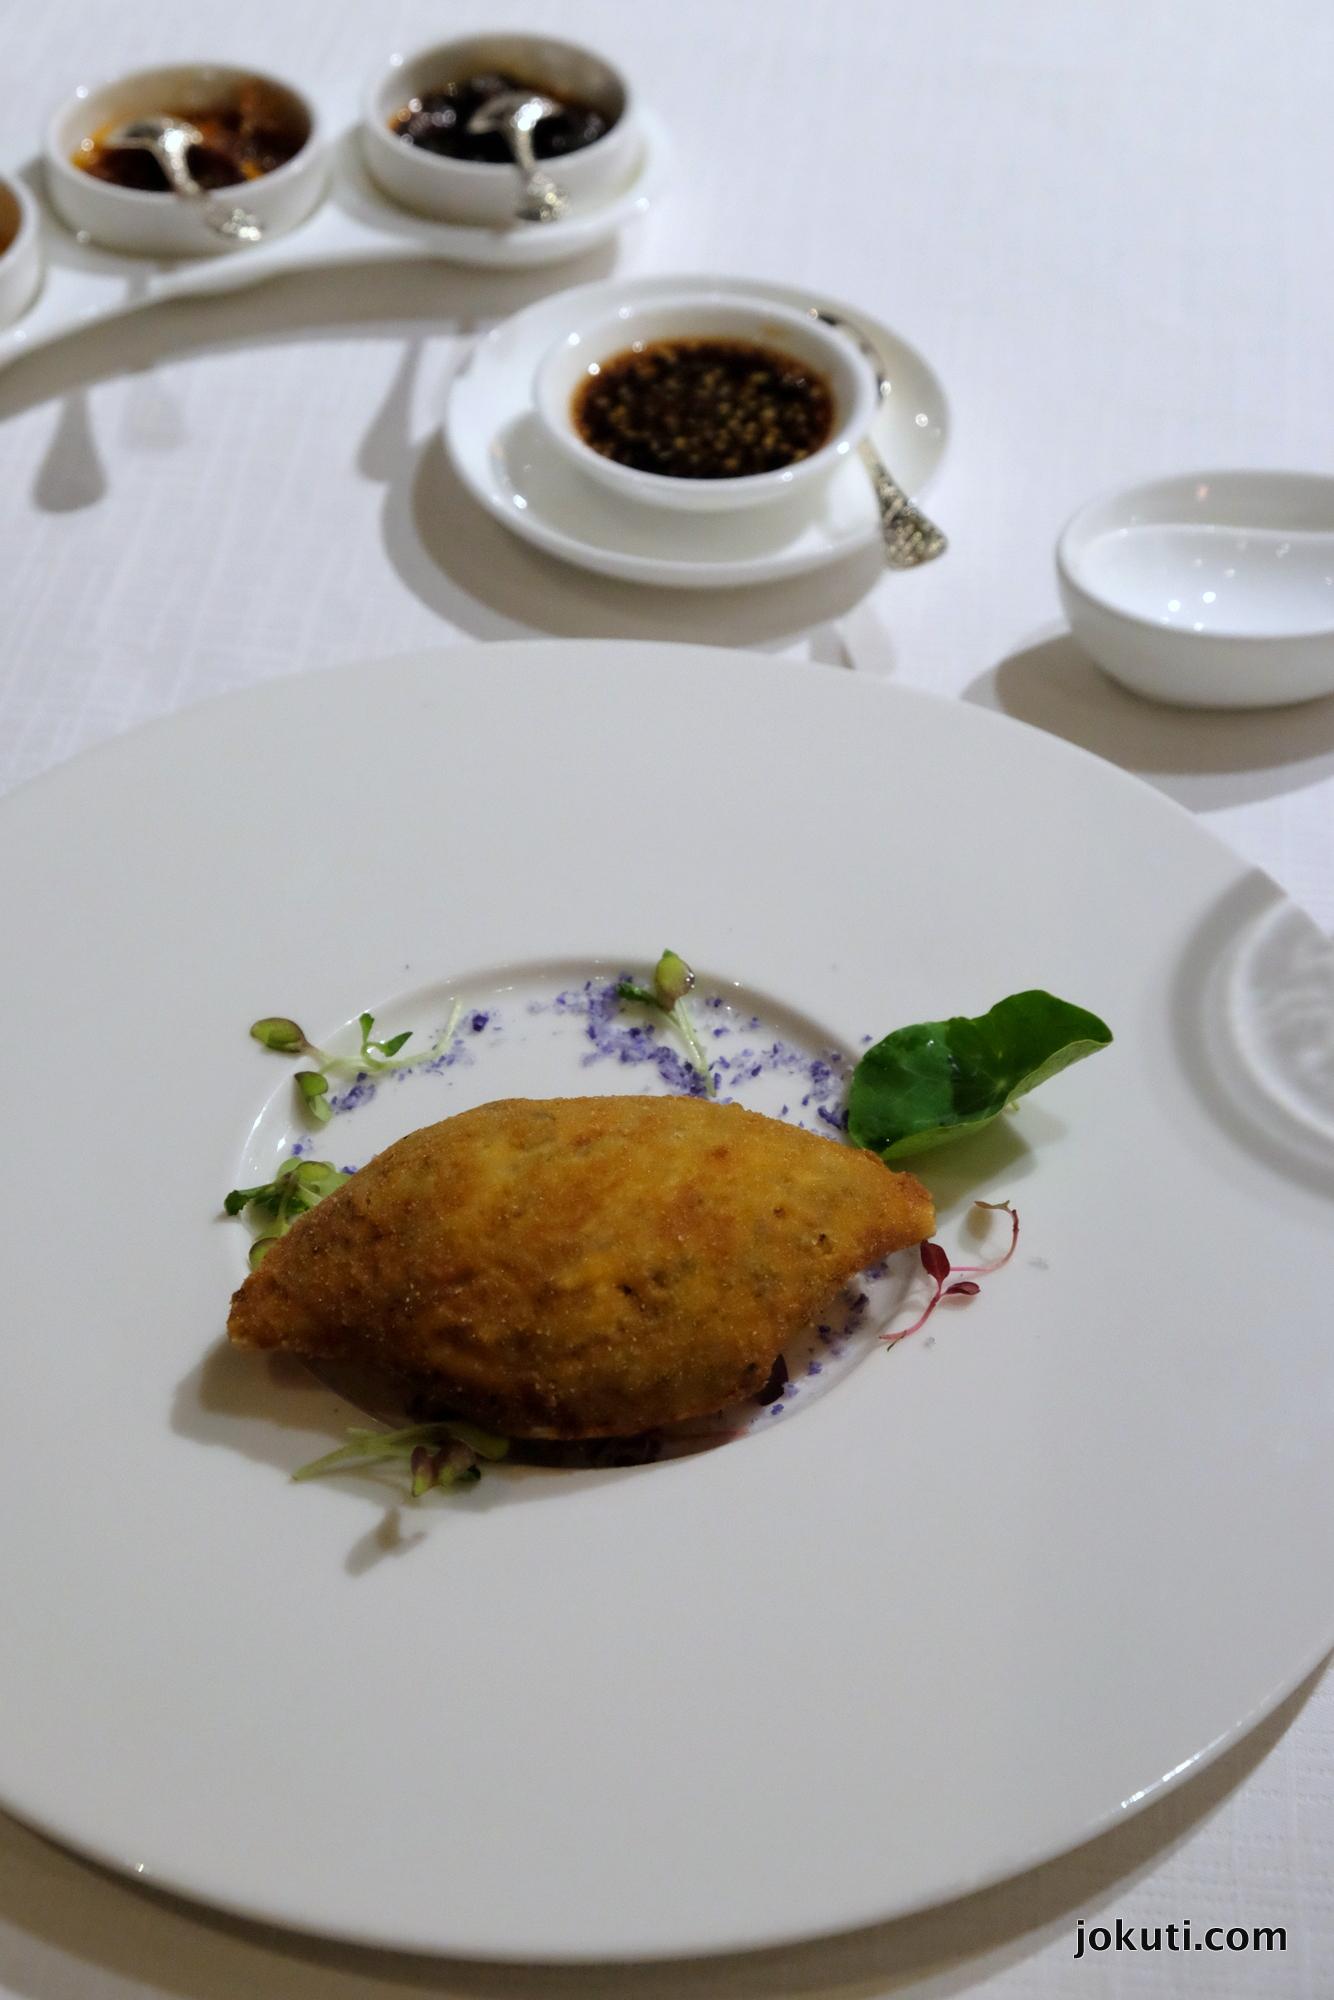 dscf6892_jade_dragon_restaurant_cantonese_chinese_michelin_macau_makao_china_kinai_vilagevo_jokuti.jpg